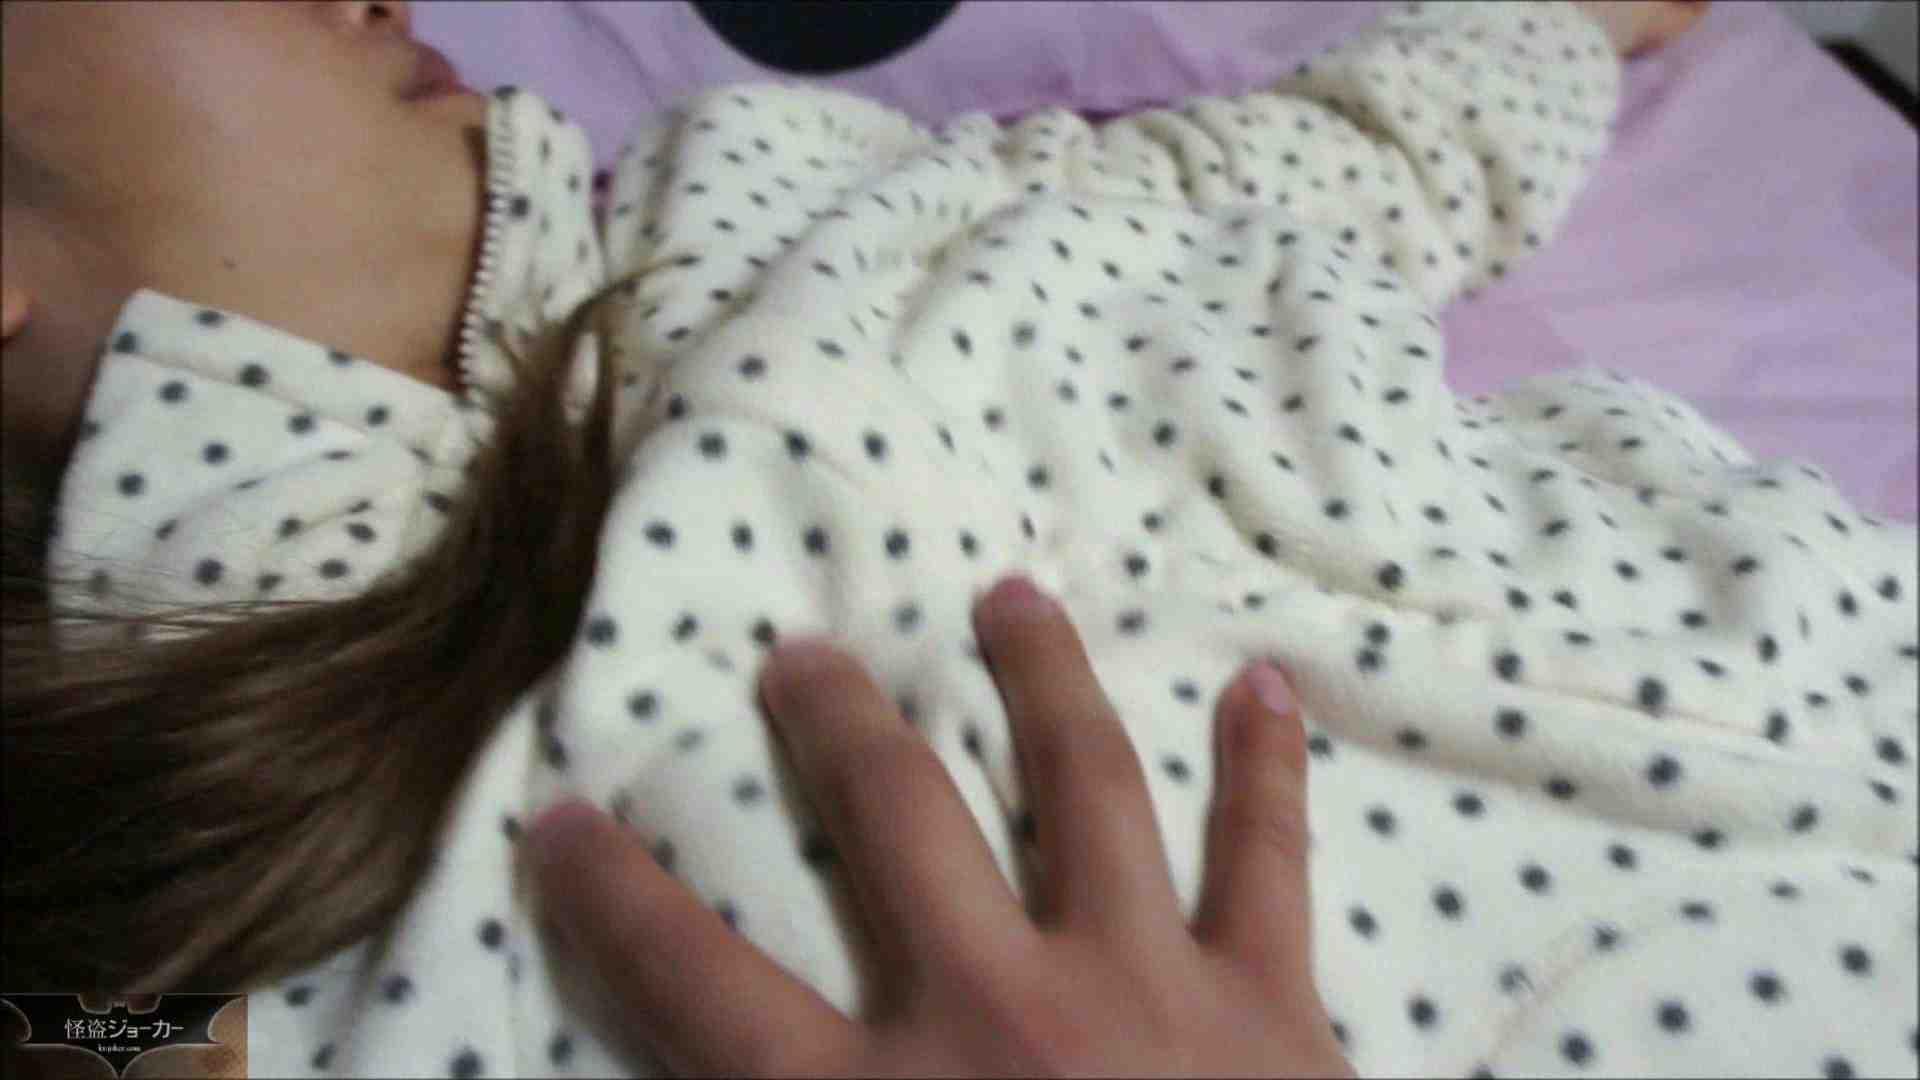 【未公開】vol.4 ユリナ×ヒトミ女市女末を・・・ いやらしいOL アダルト動画キャプチャ 90連発 32